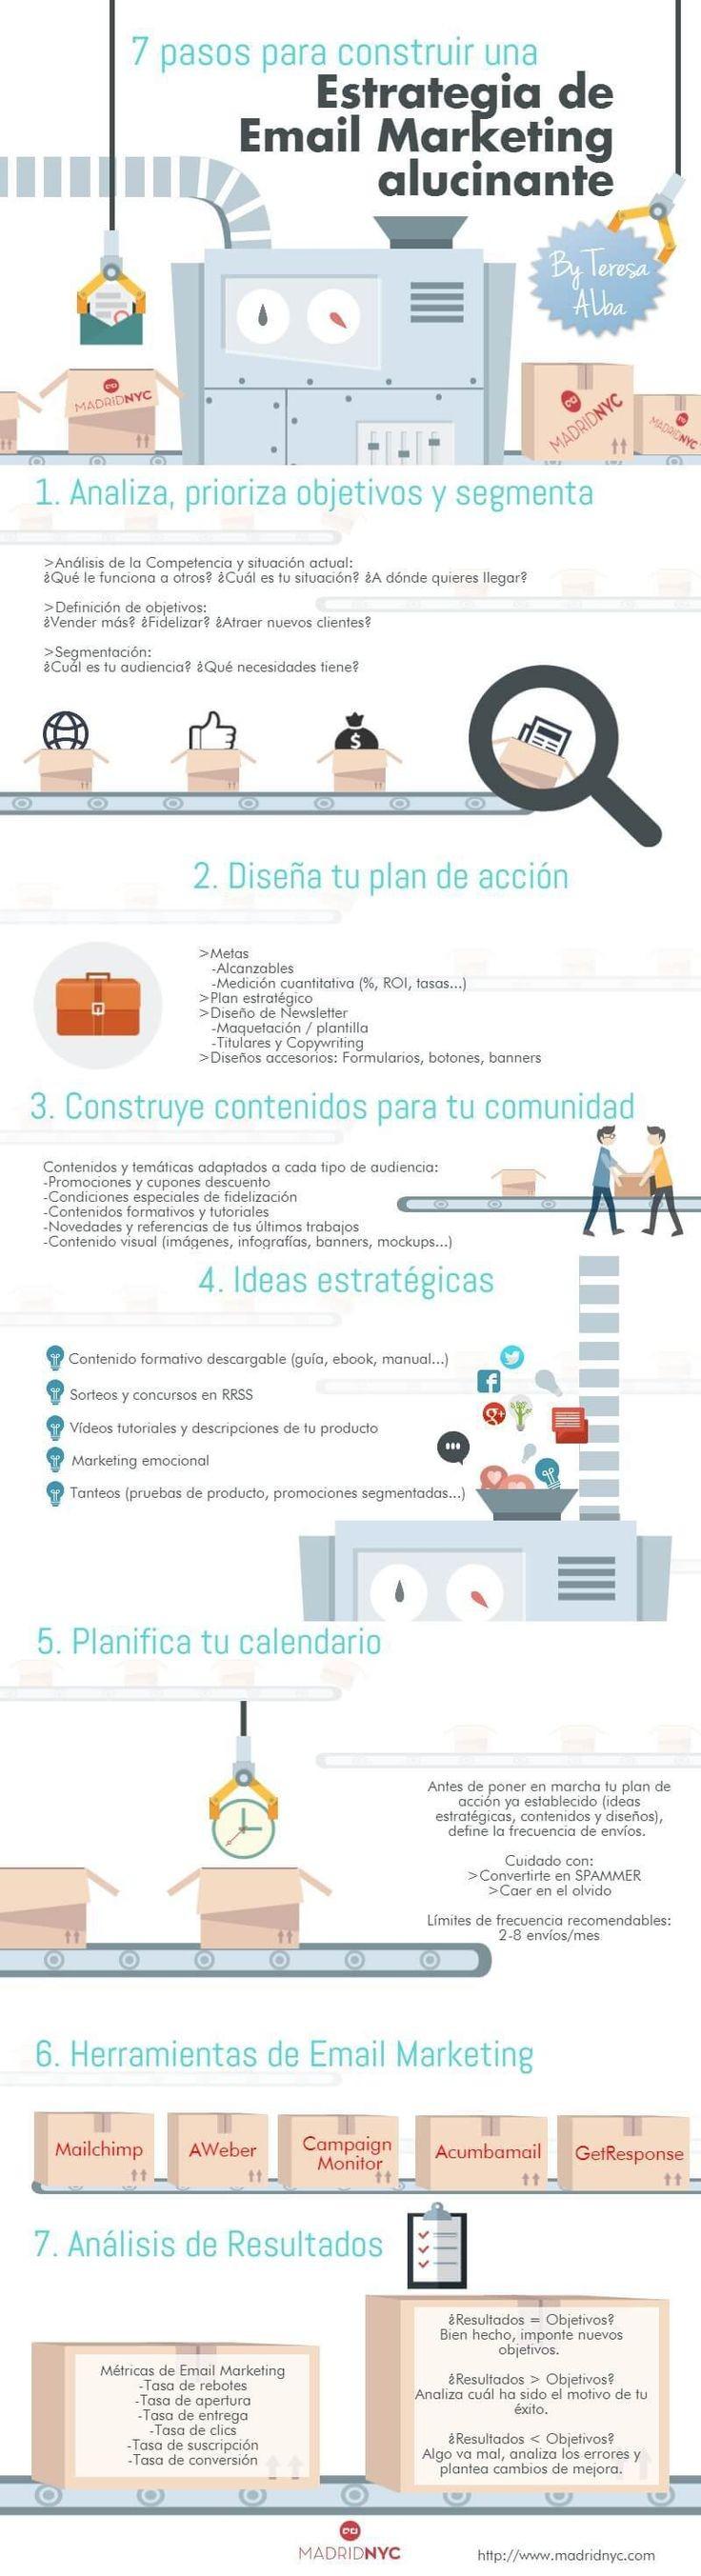 7 Pasos para crear una estrategia de emailmarketing infografia giovannibenavides